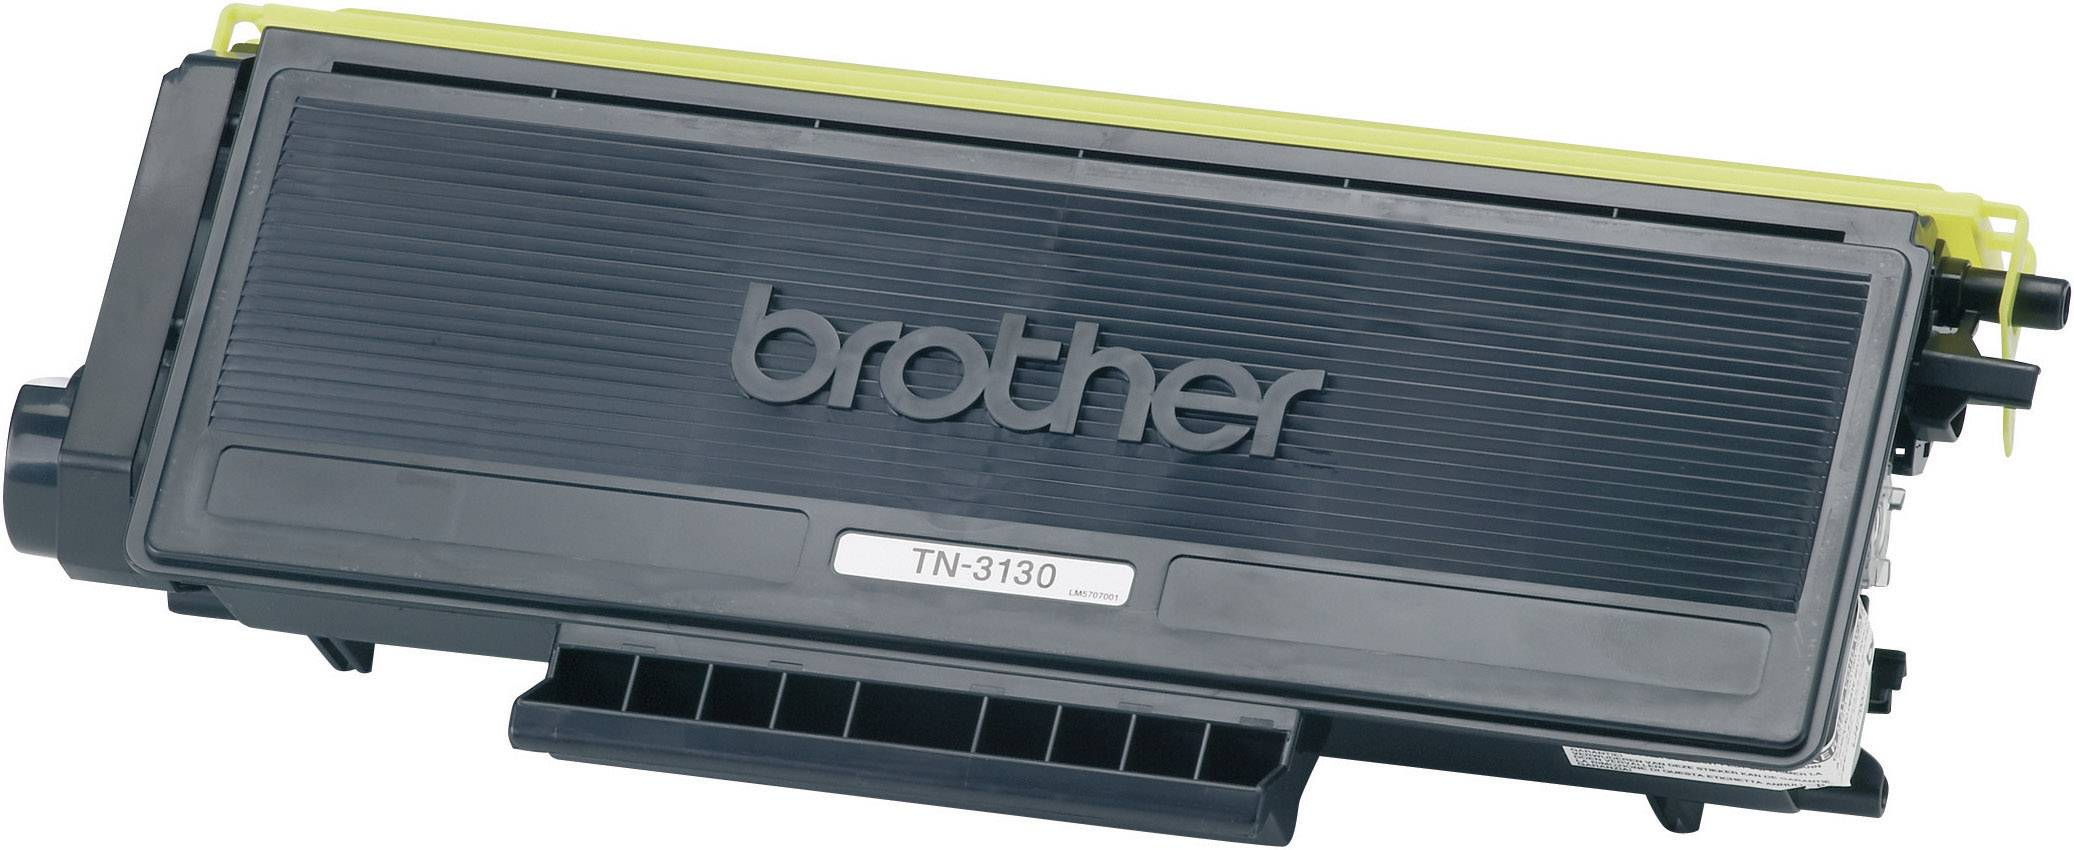 Originální toner Brother TN-3130, 3500 stránek, černá